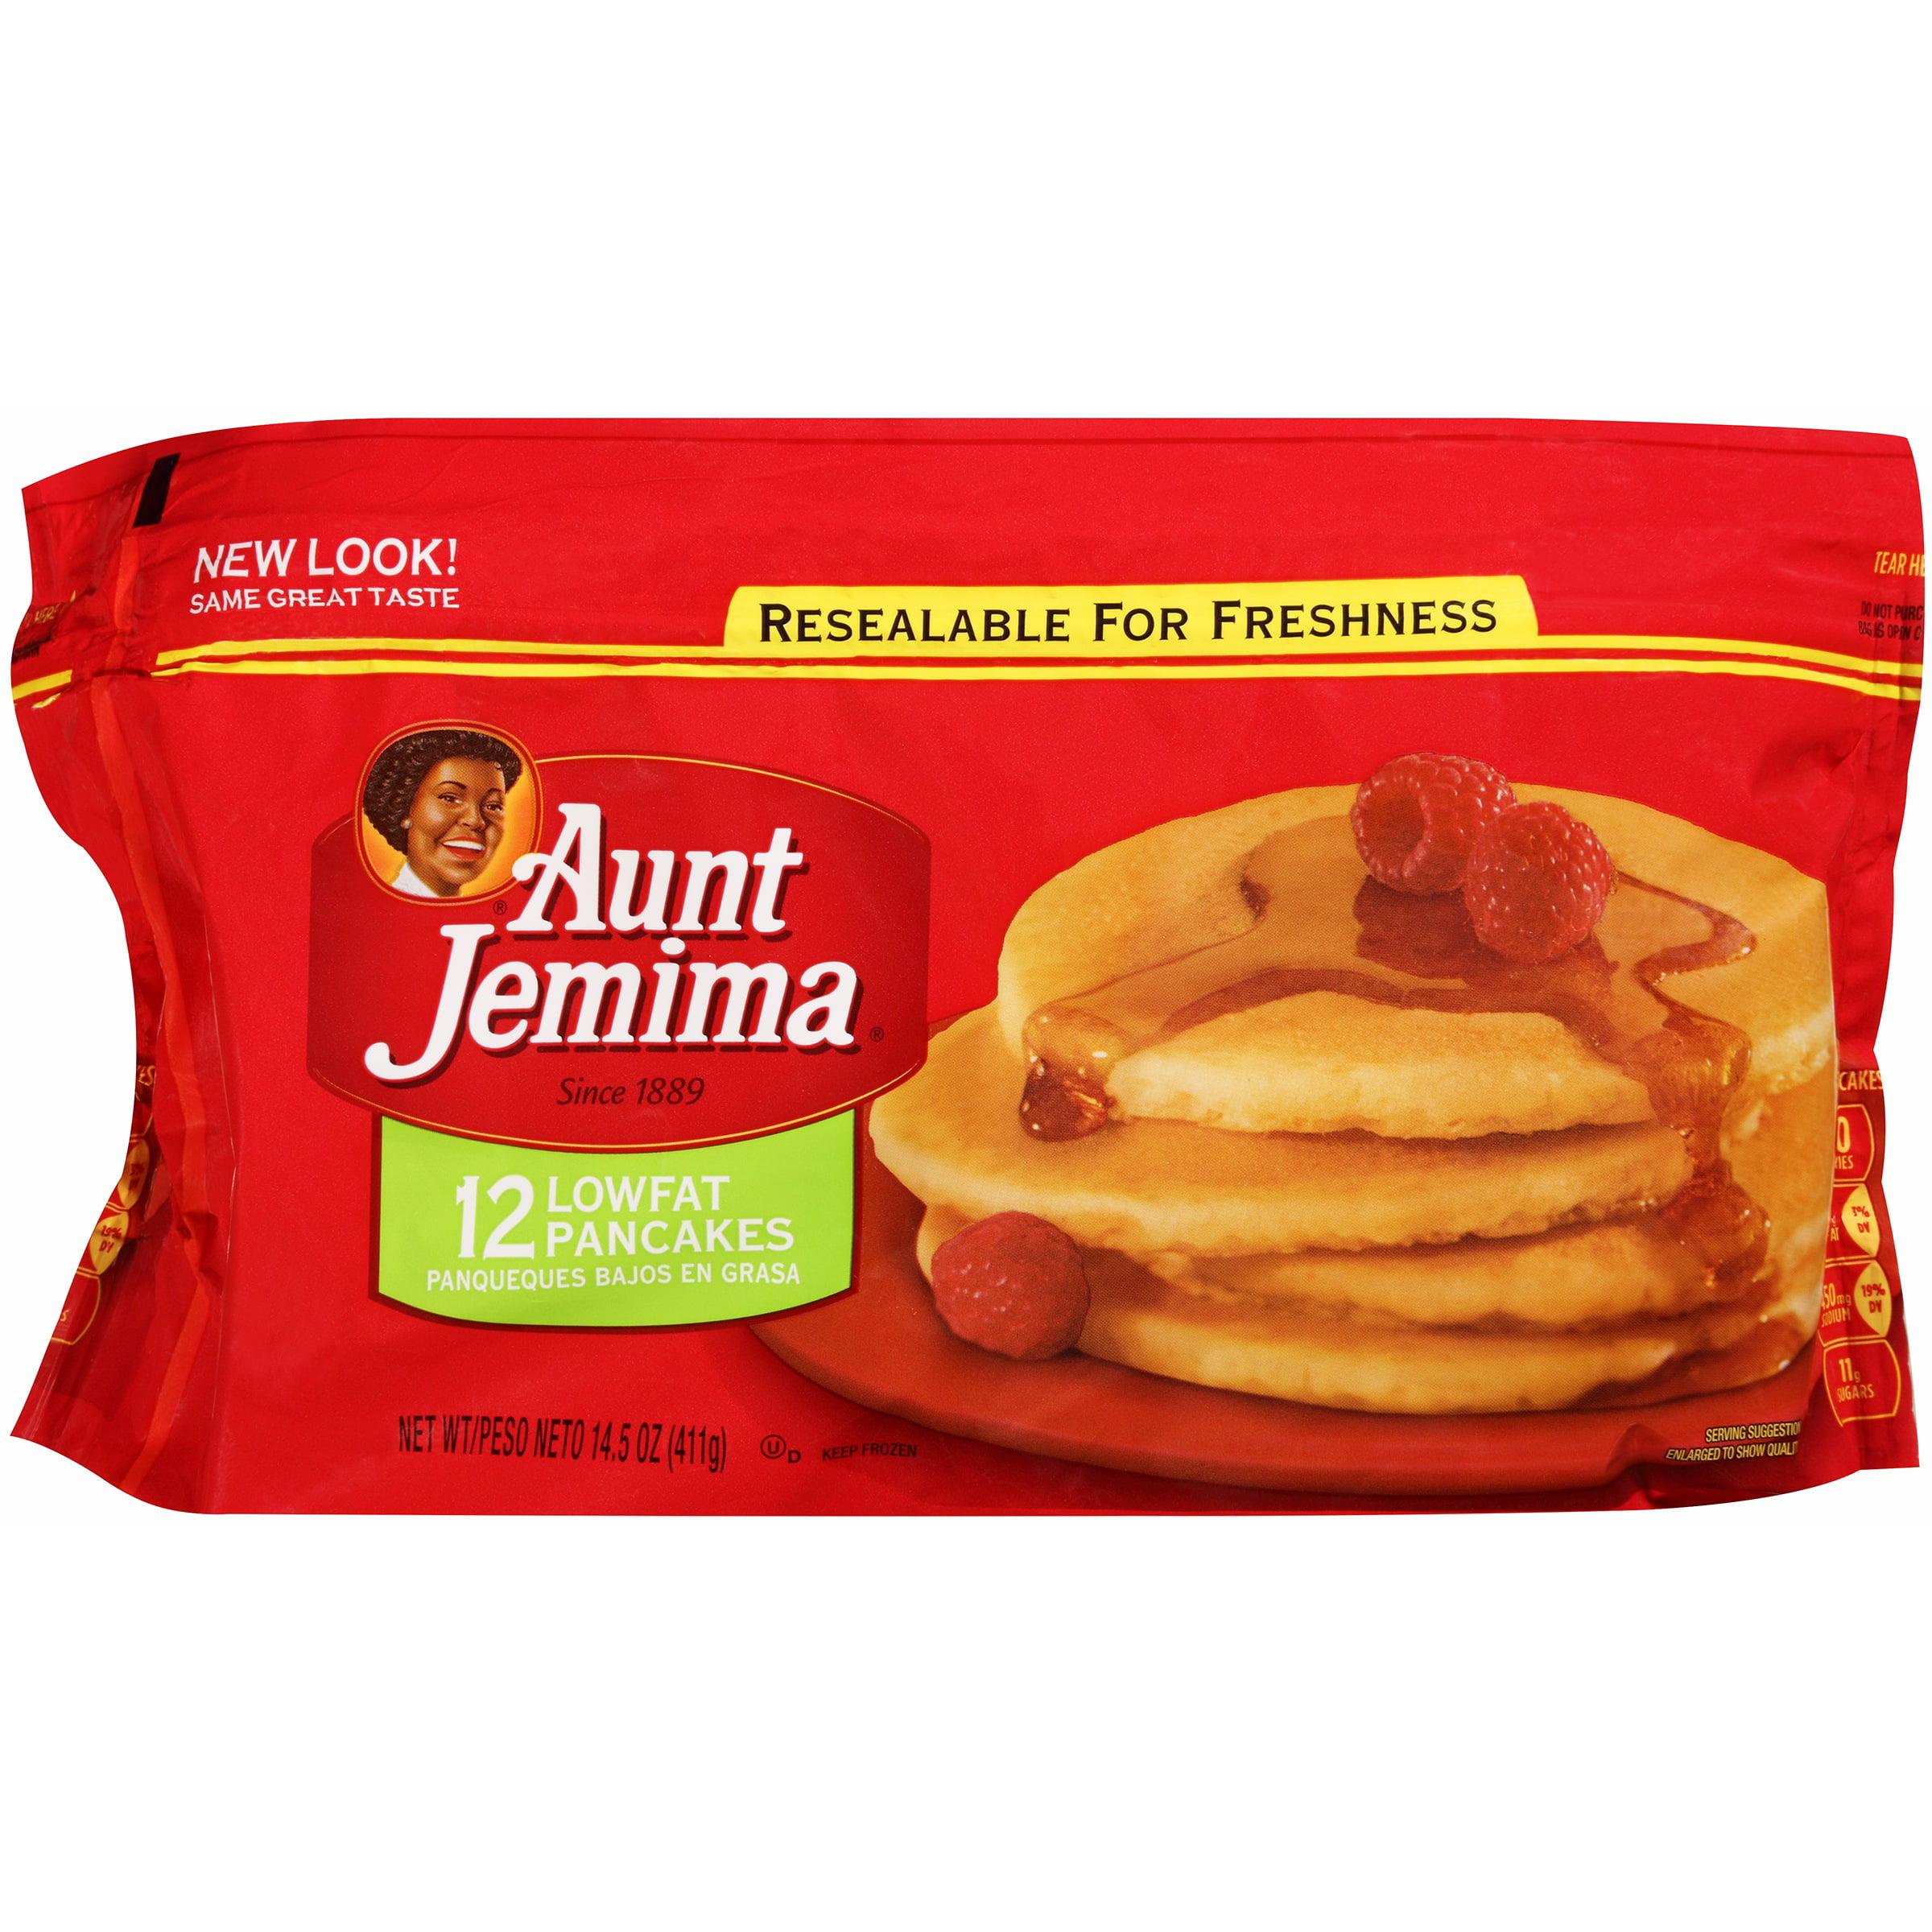 Aunt Jemima® Lowfat Pancakes 12 ct Bag